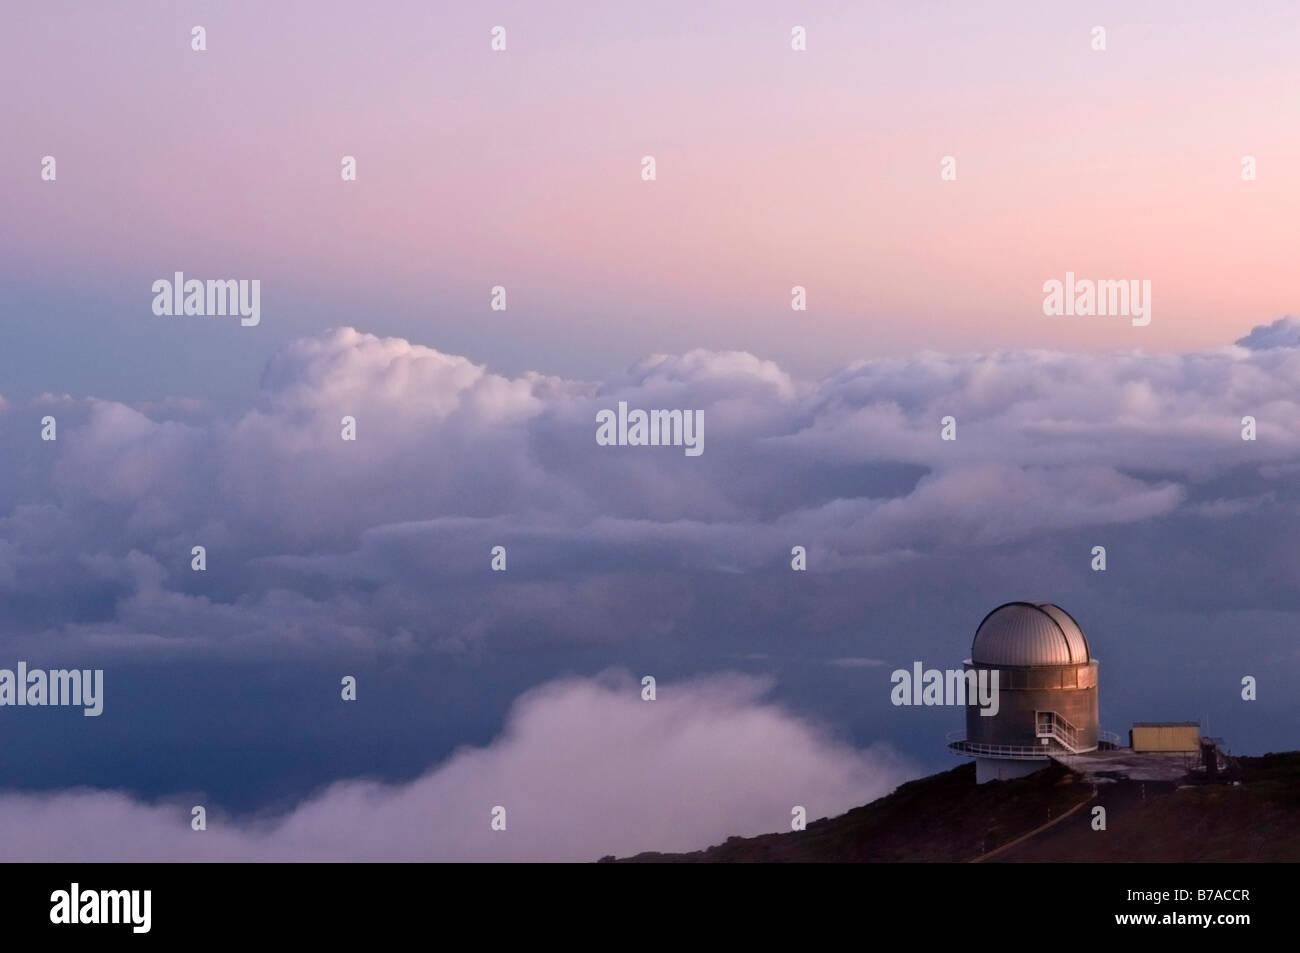 Osservatorio al tramonto, Roque de los Muchachos, La Palma Isole Canarie Spagna, Europa Immagini Stock